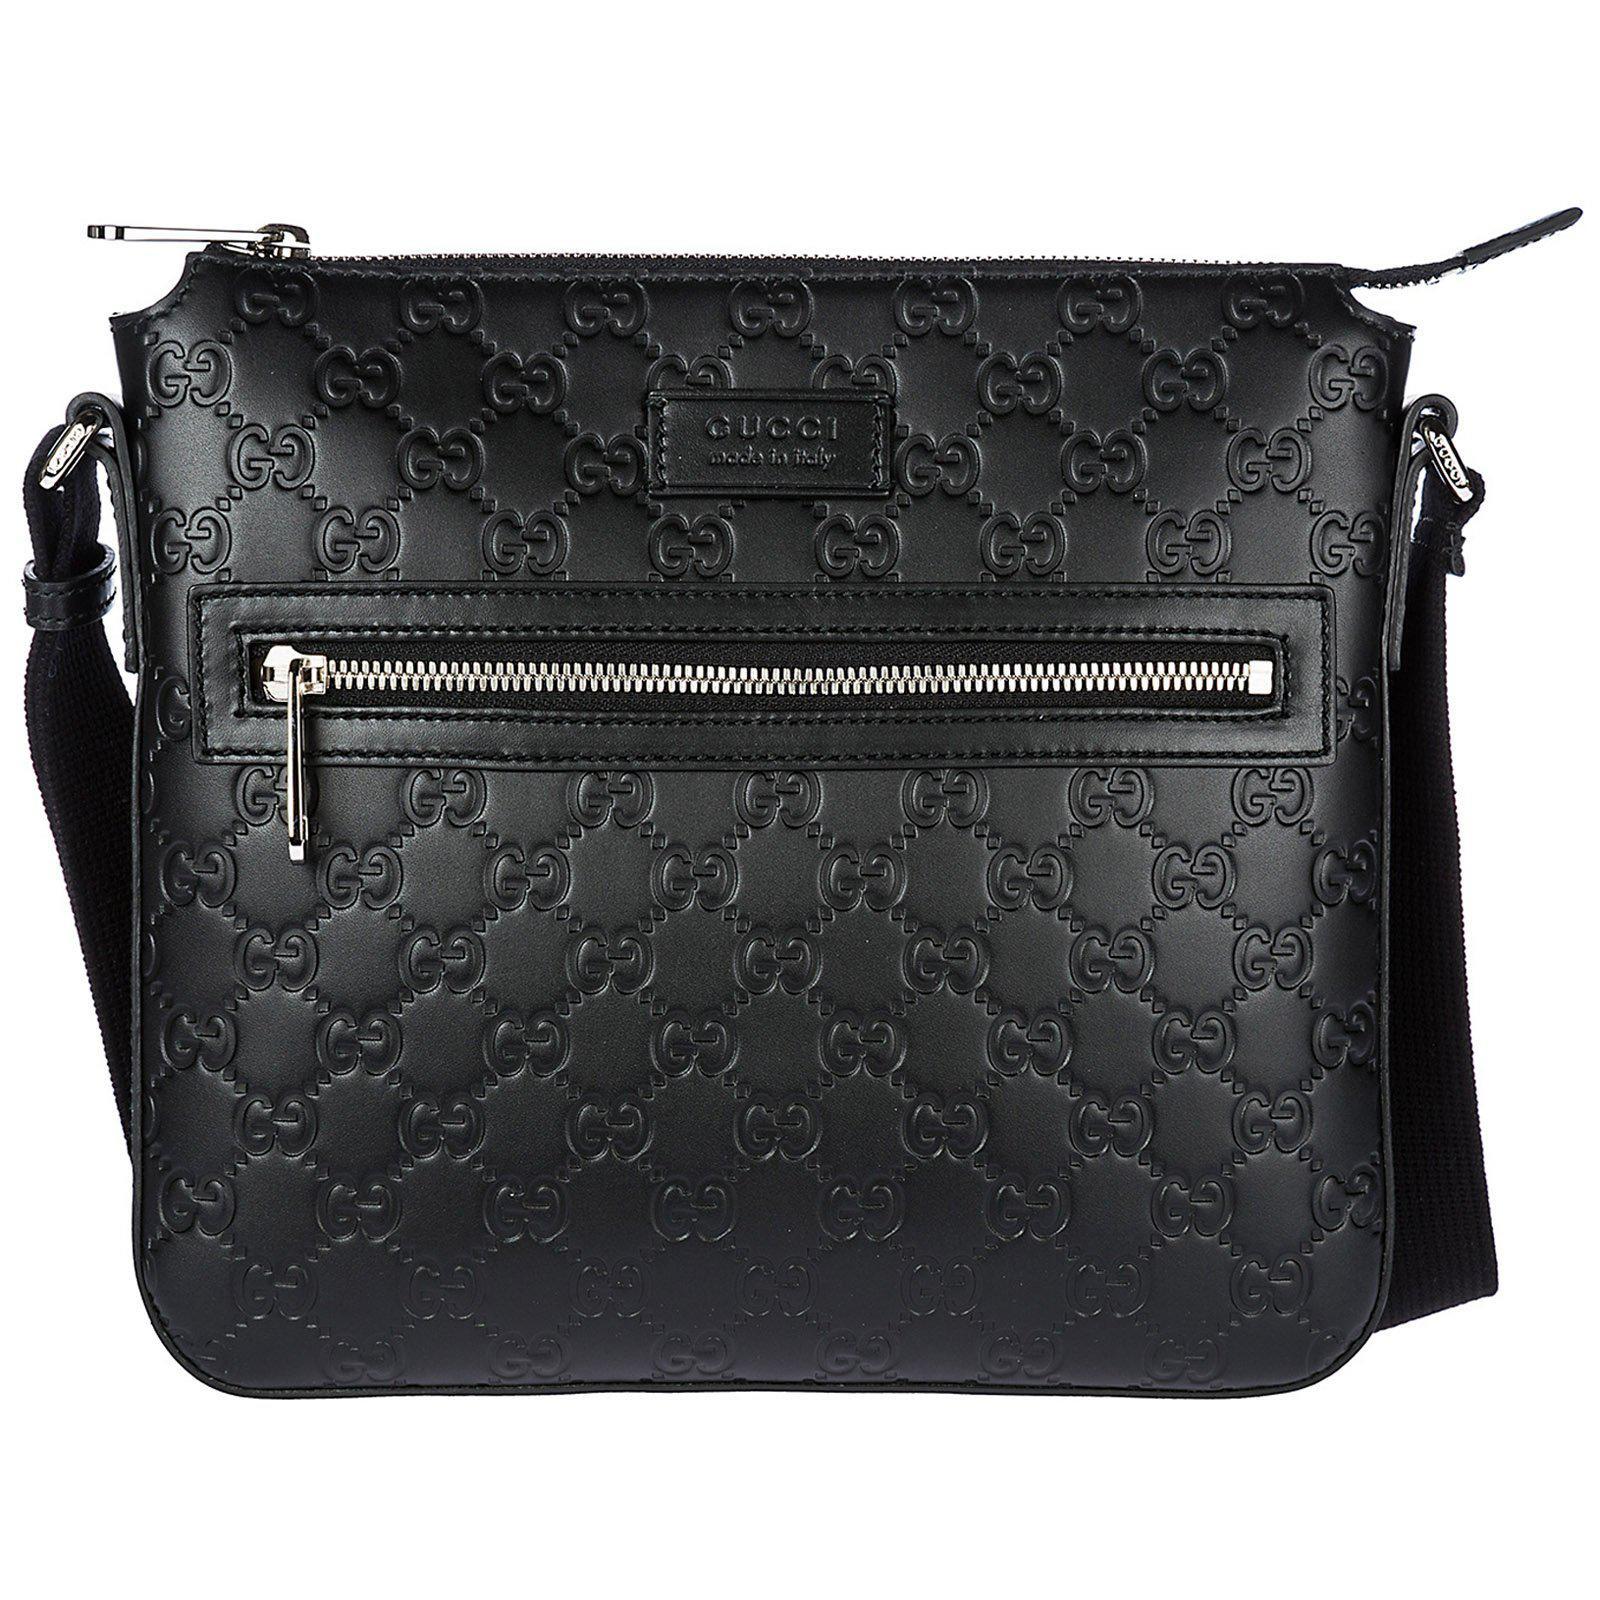 af665c111ae Gucci Signature Embossed Messenger Bag in Black for Men - Lyst